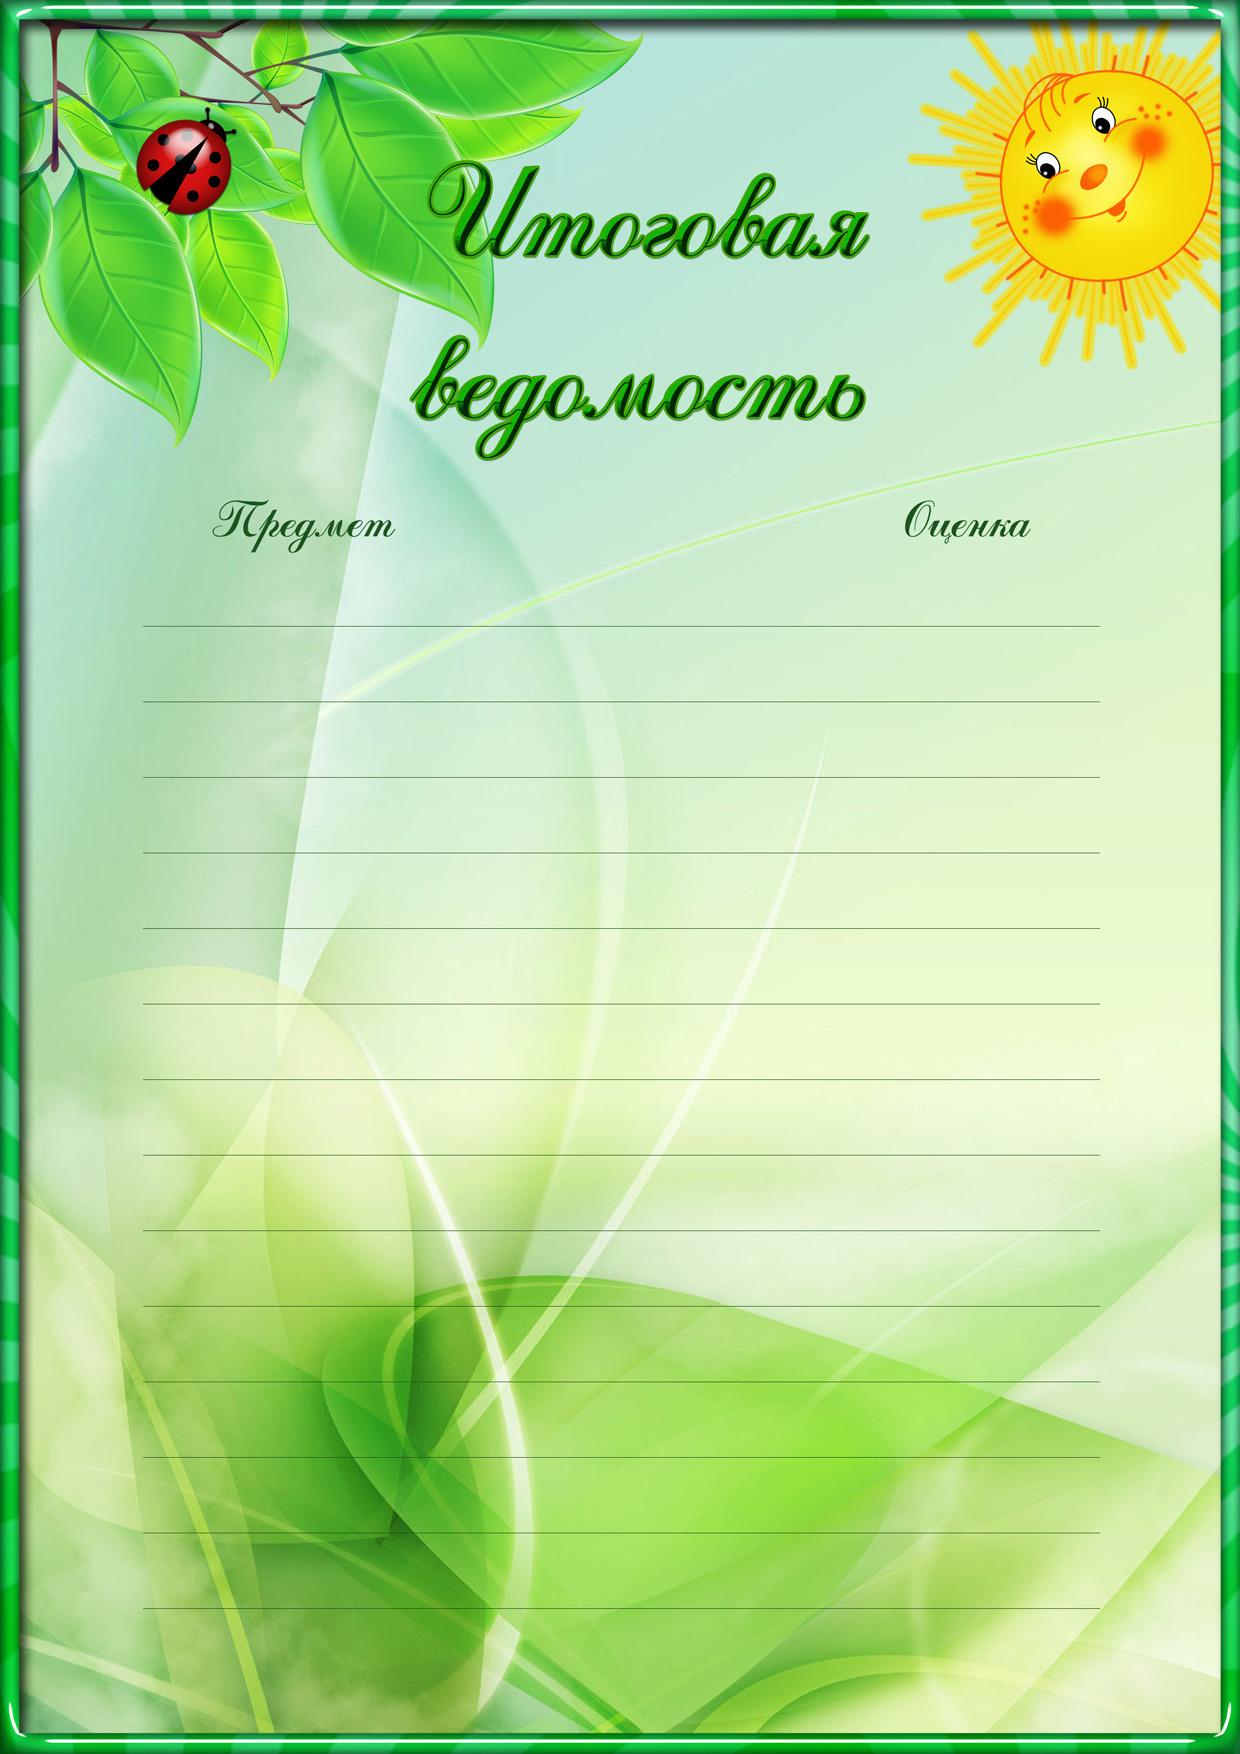 http://womensnote.ru/image/23_portfolio_shkola.jpg